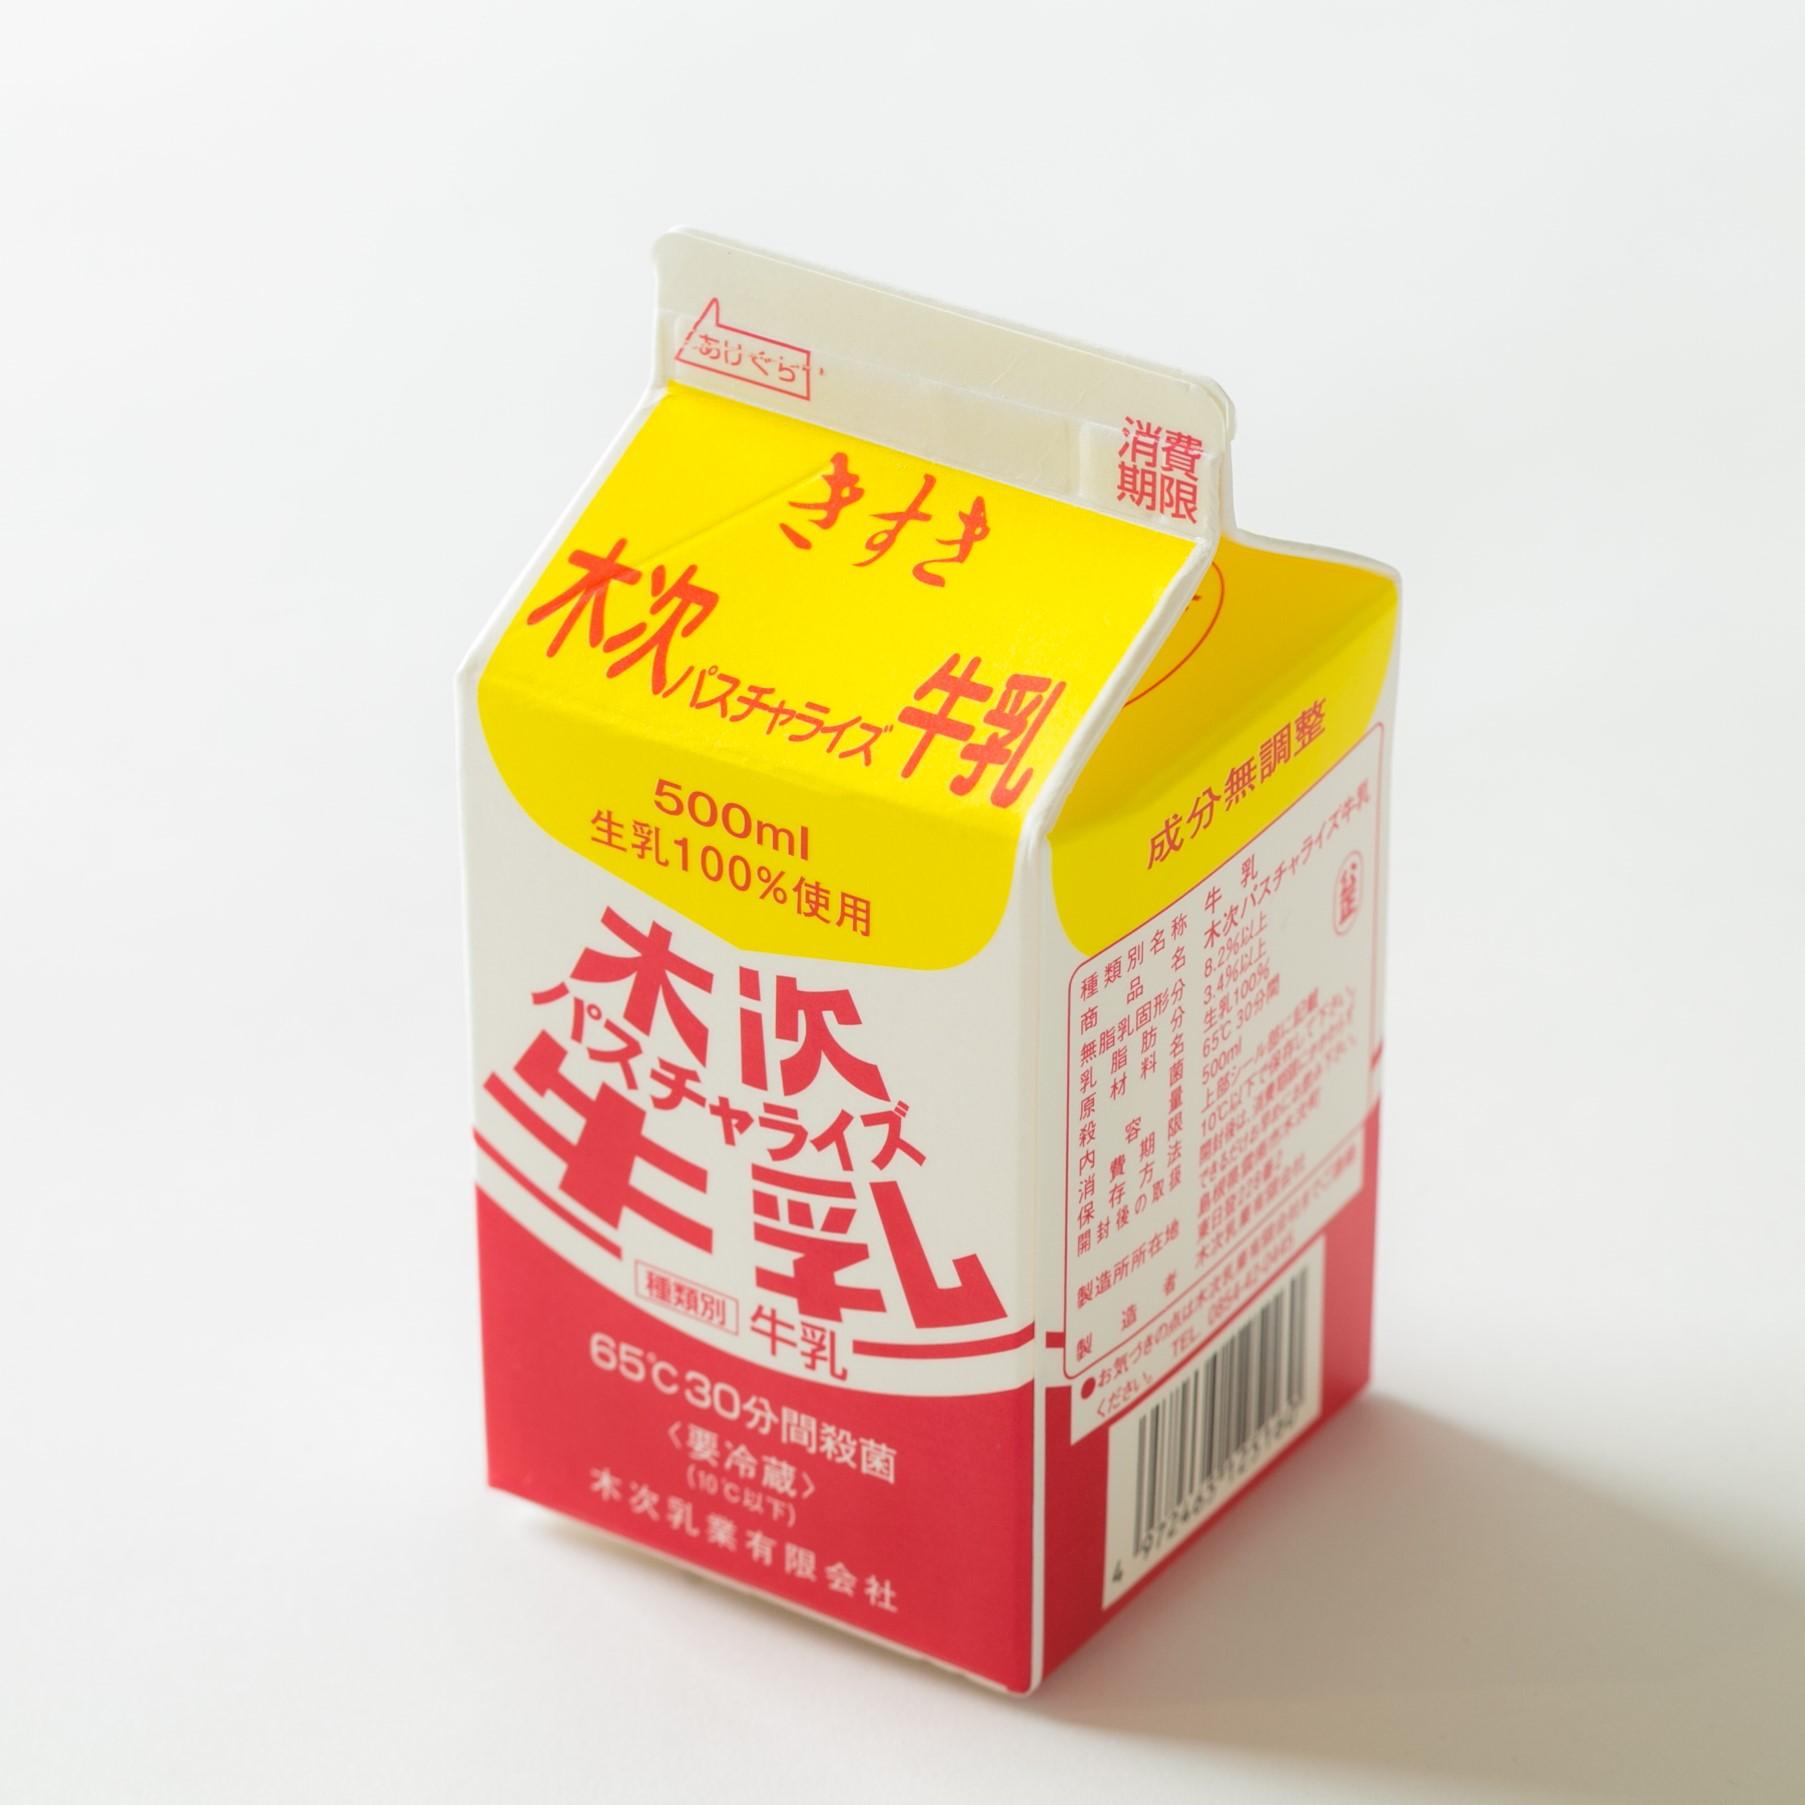 木次乳業 パスチャライズ牛乳